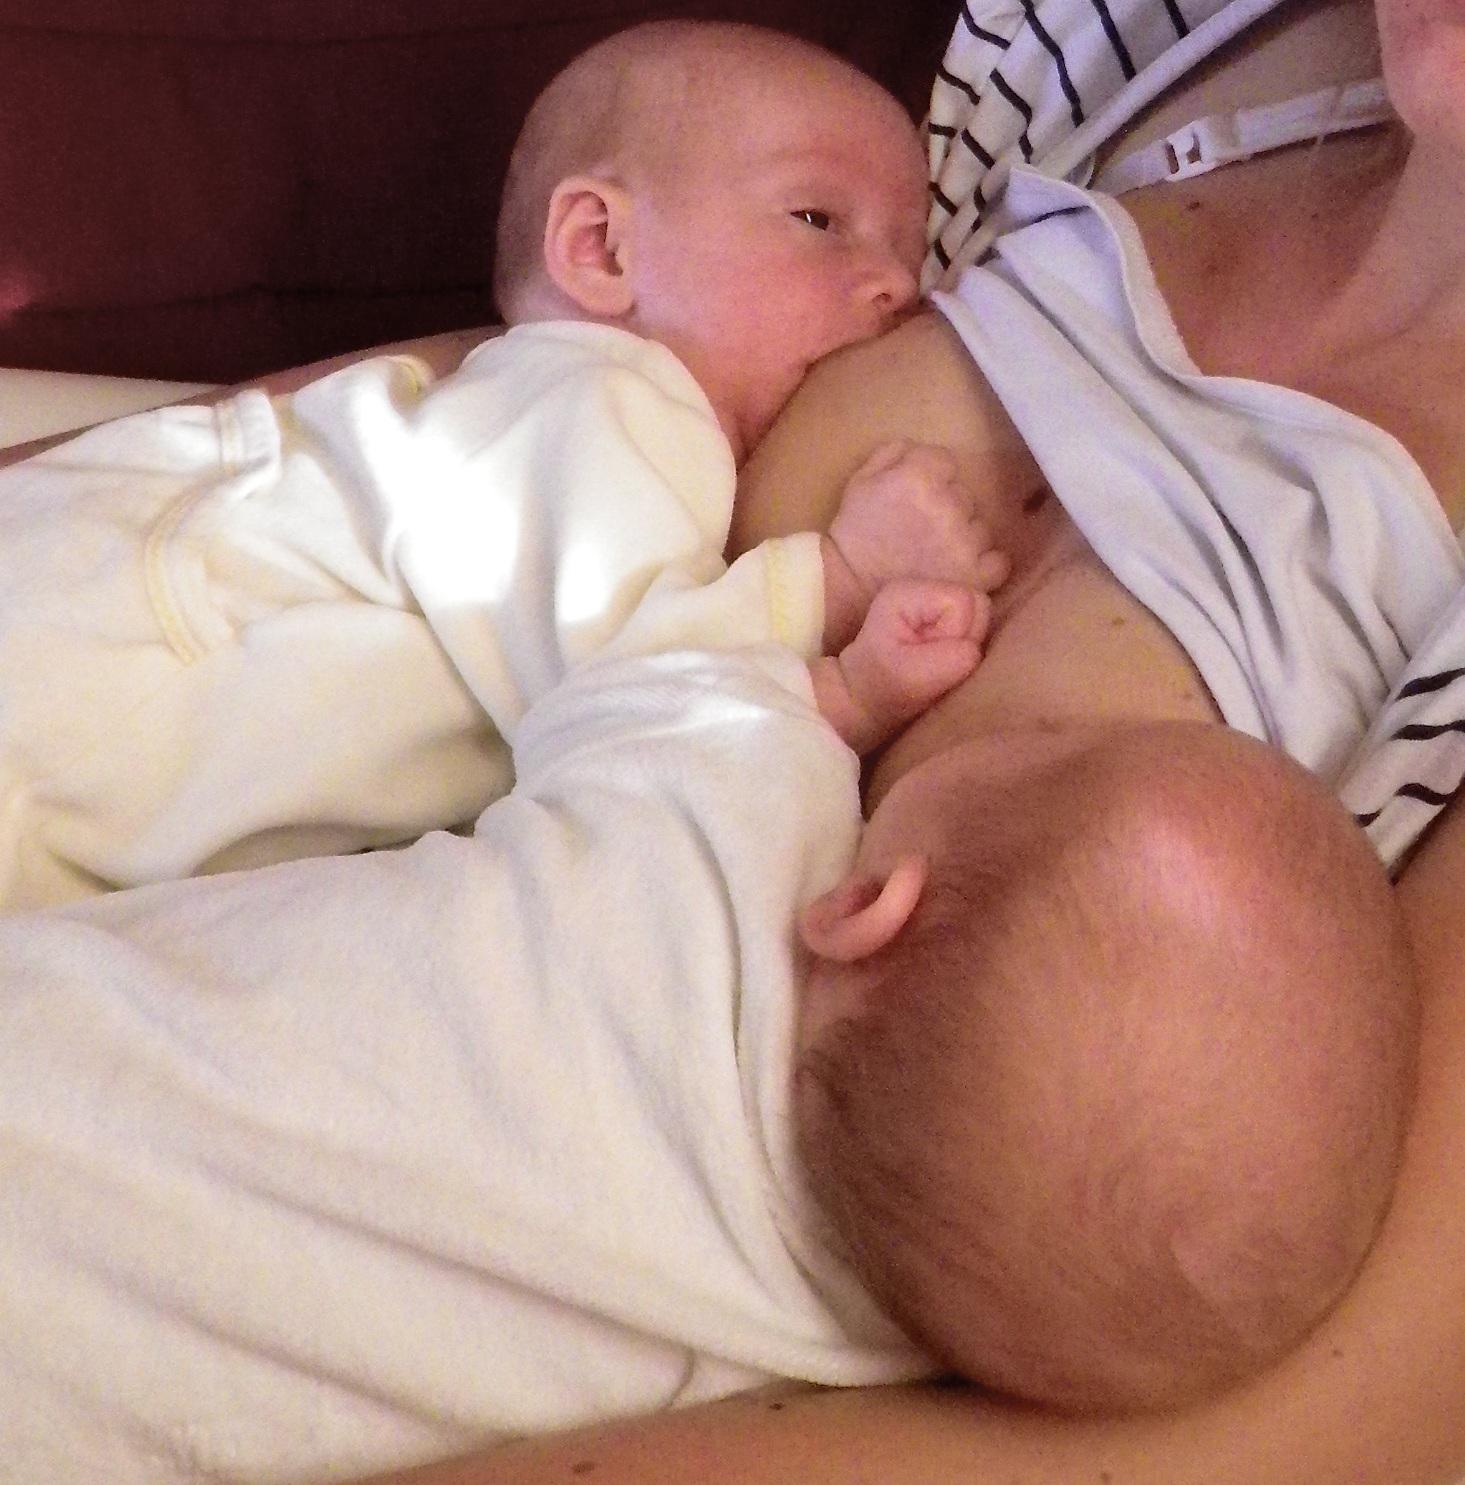 lactancia materna gemelos mellizos criando múltiples